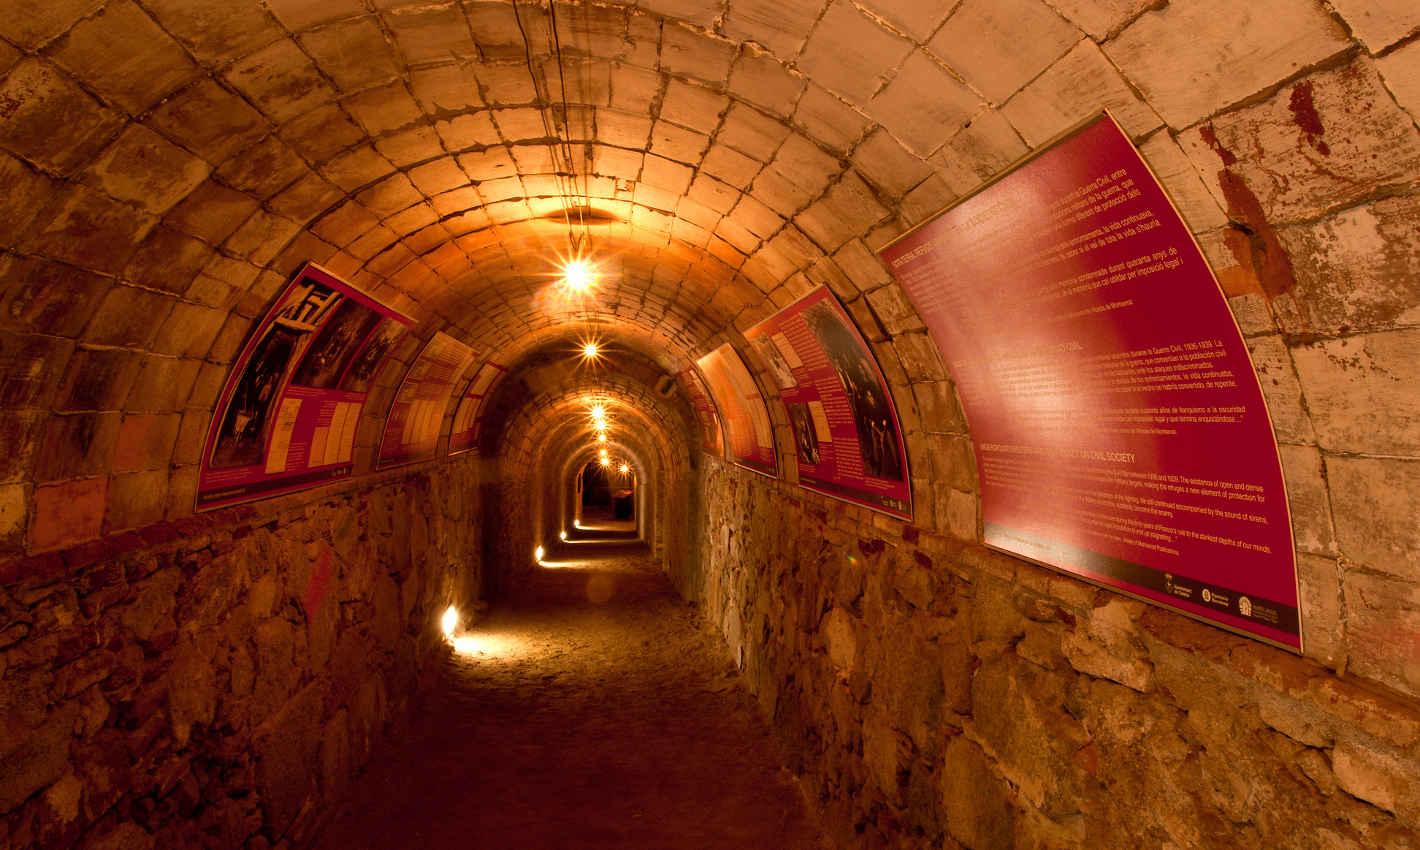 Galeria del Refugi Antiaeri del Parc Dalmau de Calella